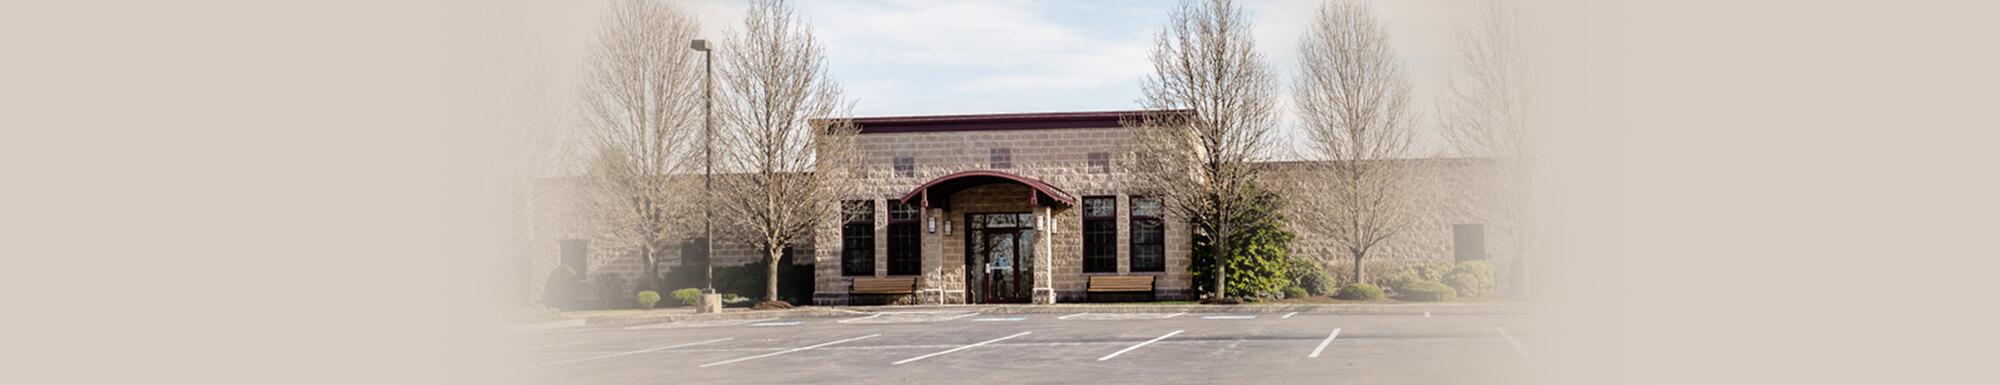 Carlisle Digestive Disease Associates - Carlisle, PA